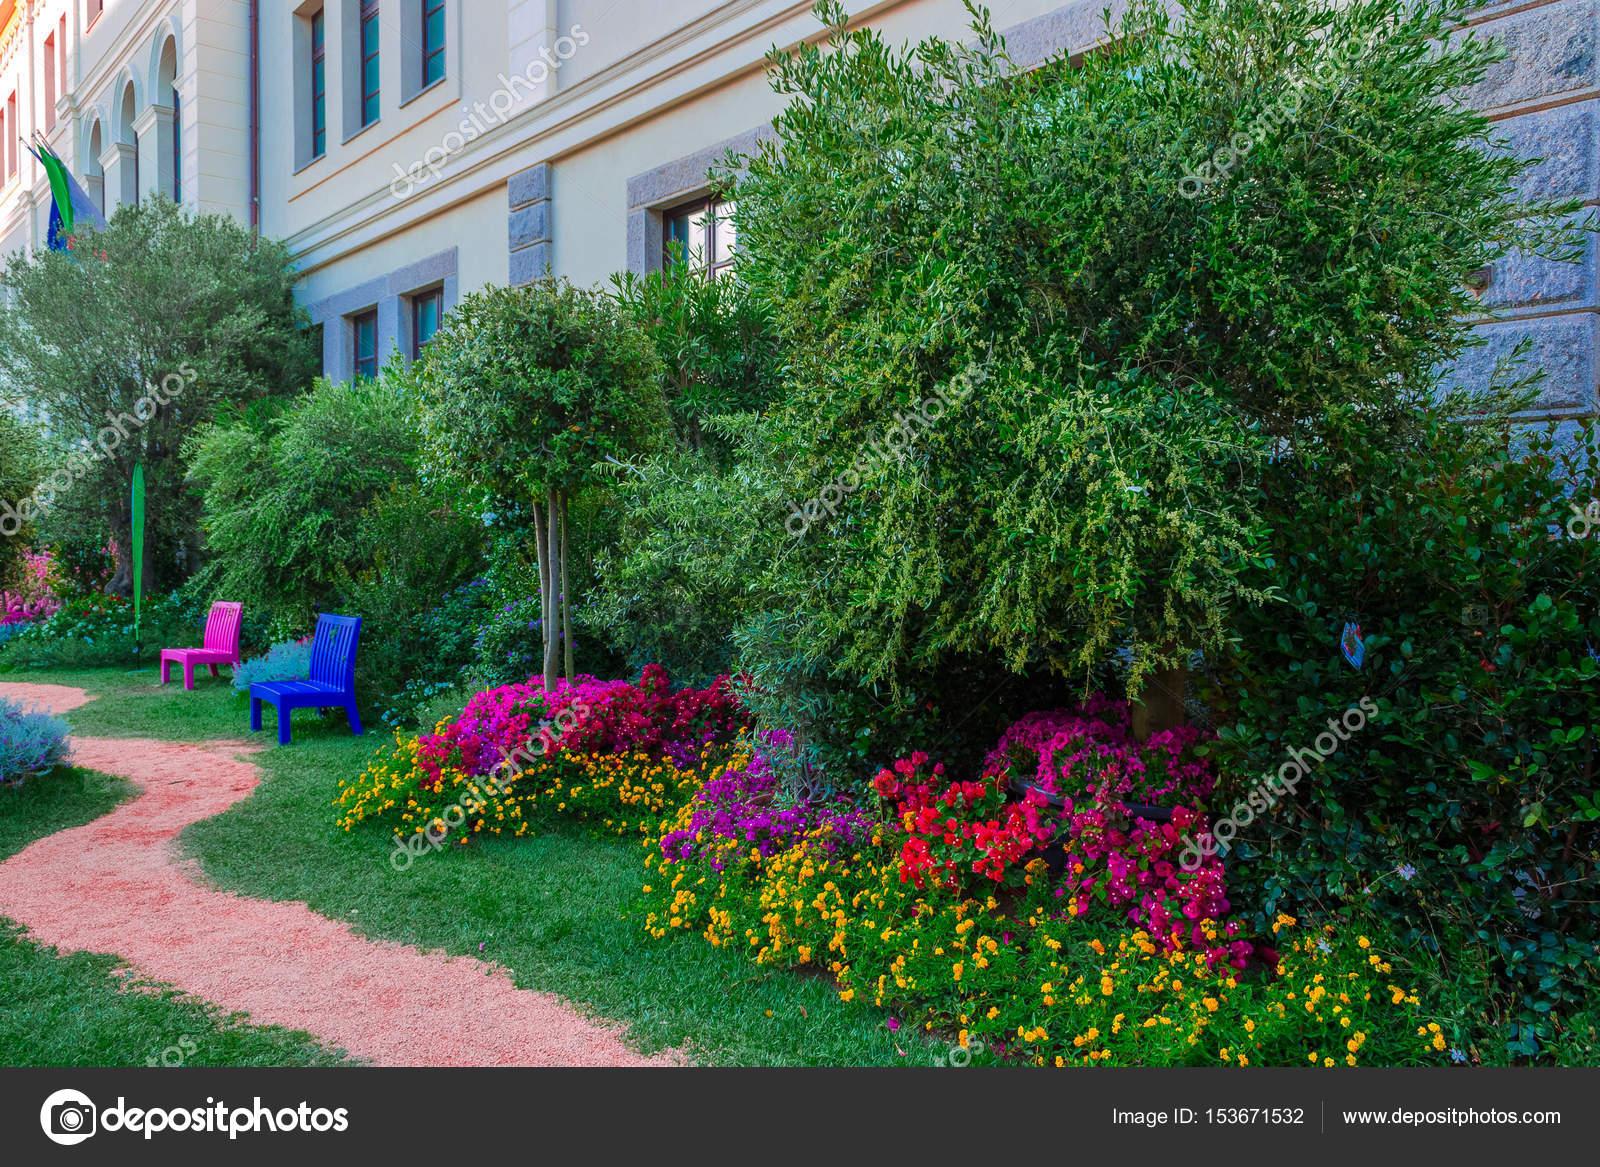 Gärten In Der Stadt Stockfoto Fenomeno79 153671532